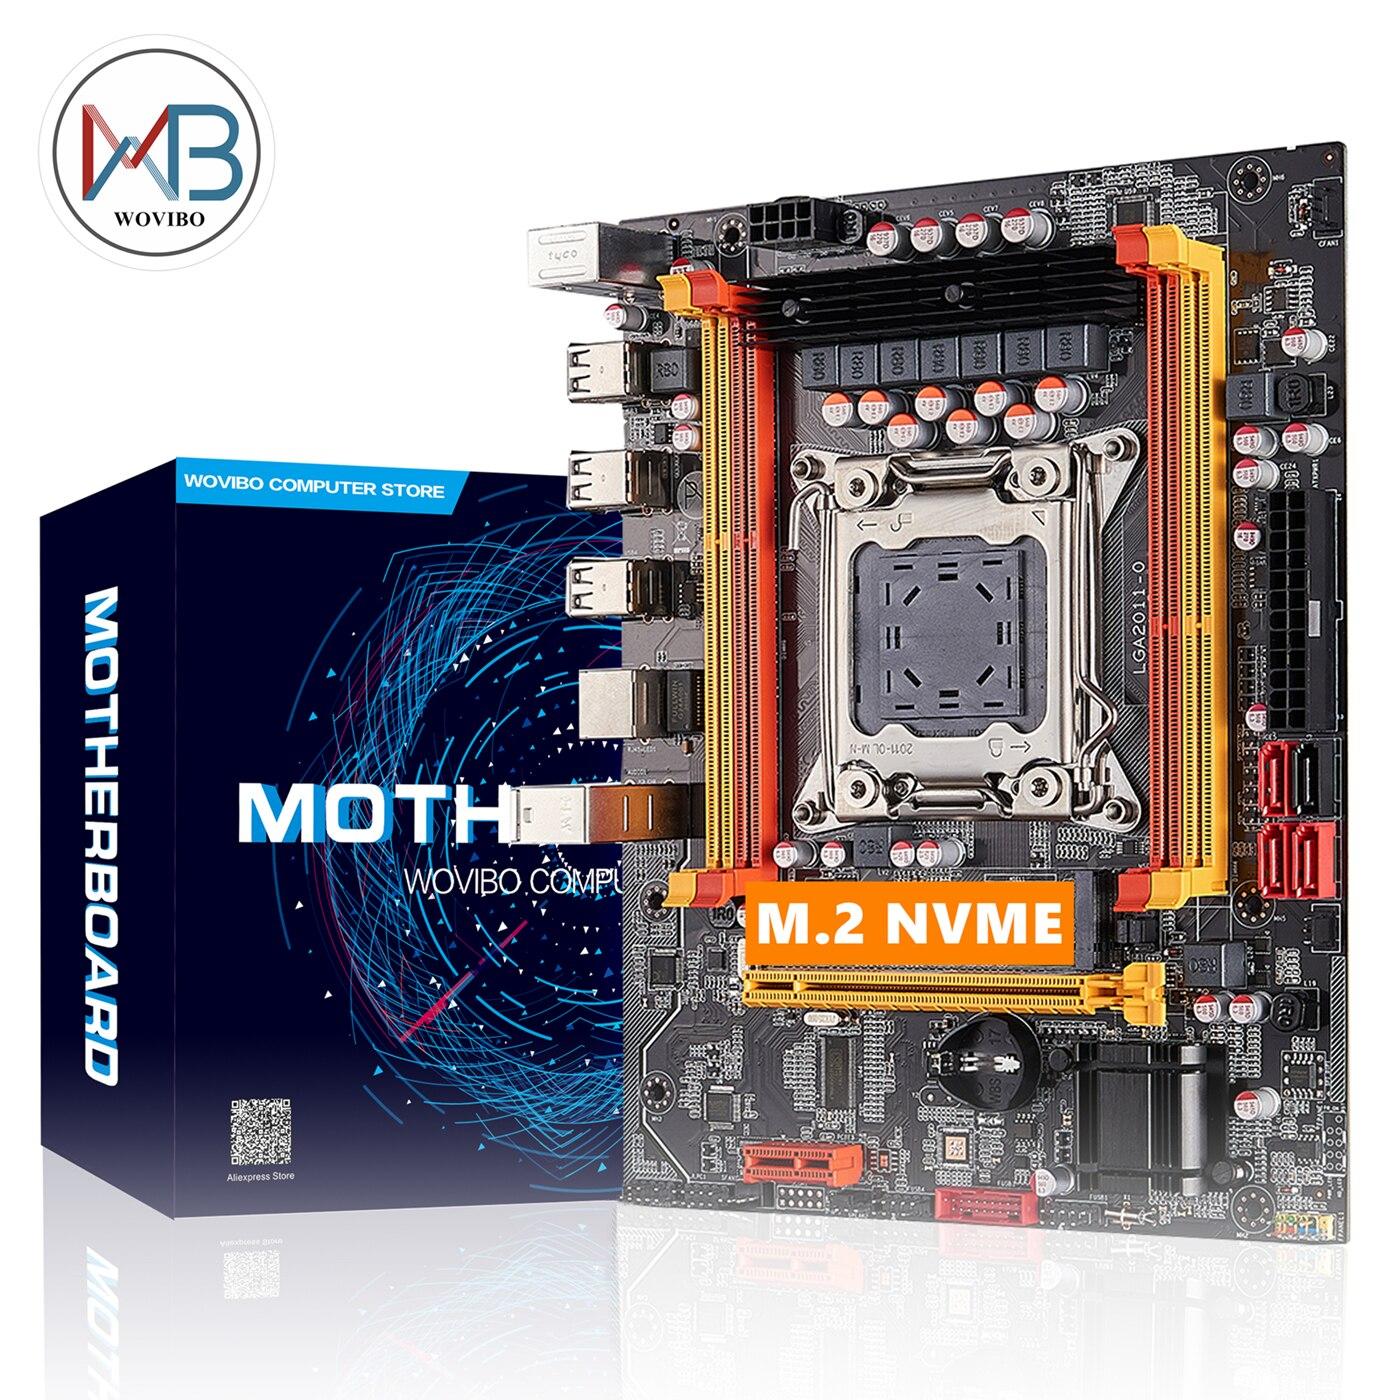 Motherboard LGA 2011 Soquete X79 X79 Chip DDR3 NVME M.2 ECC REG Memória SATA III PCI-E Para Intel LGA2011 I7 e5 Xeon CPU